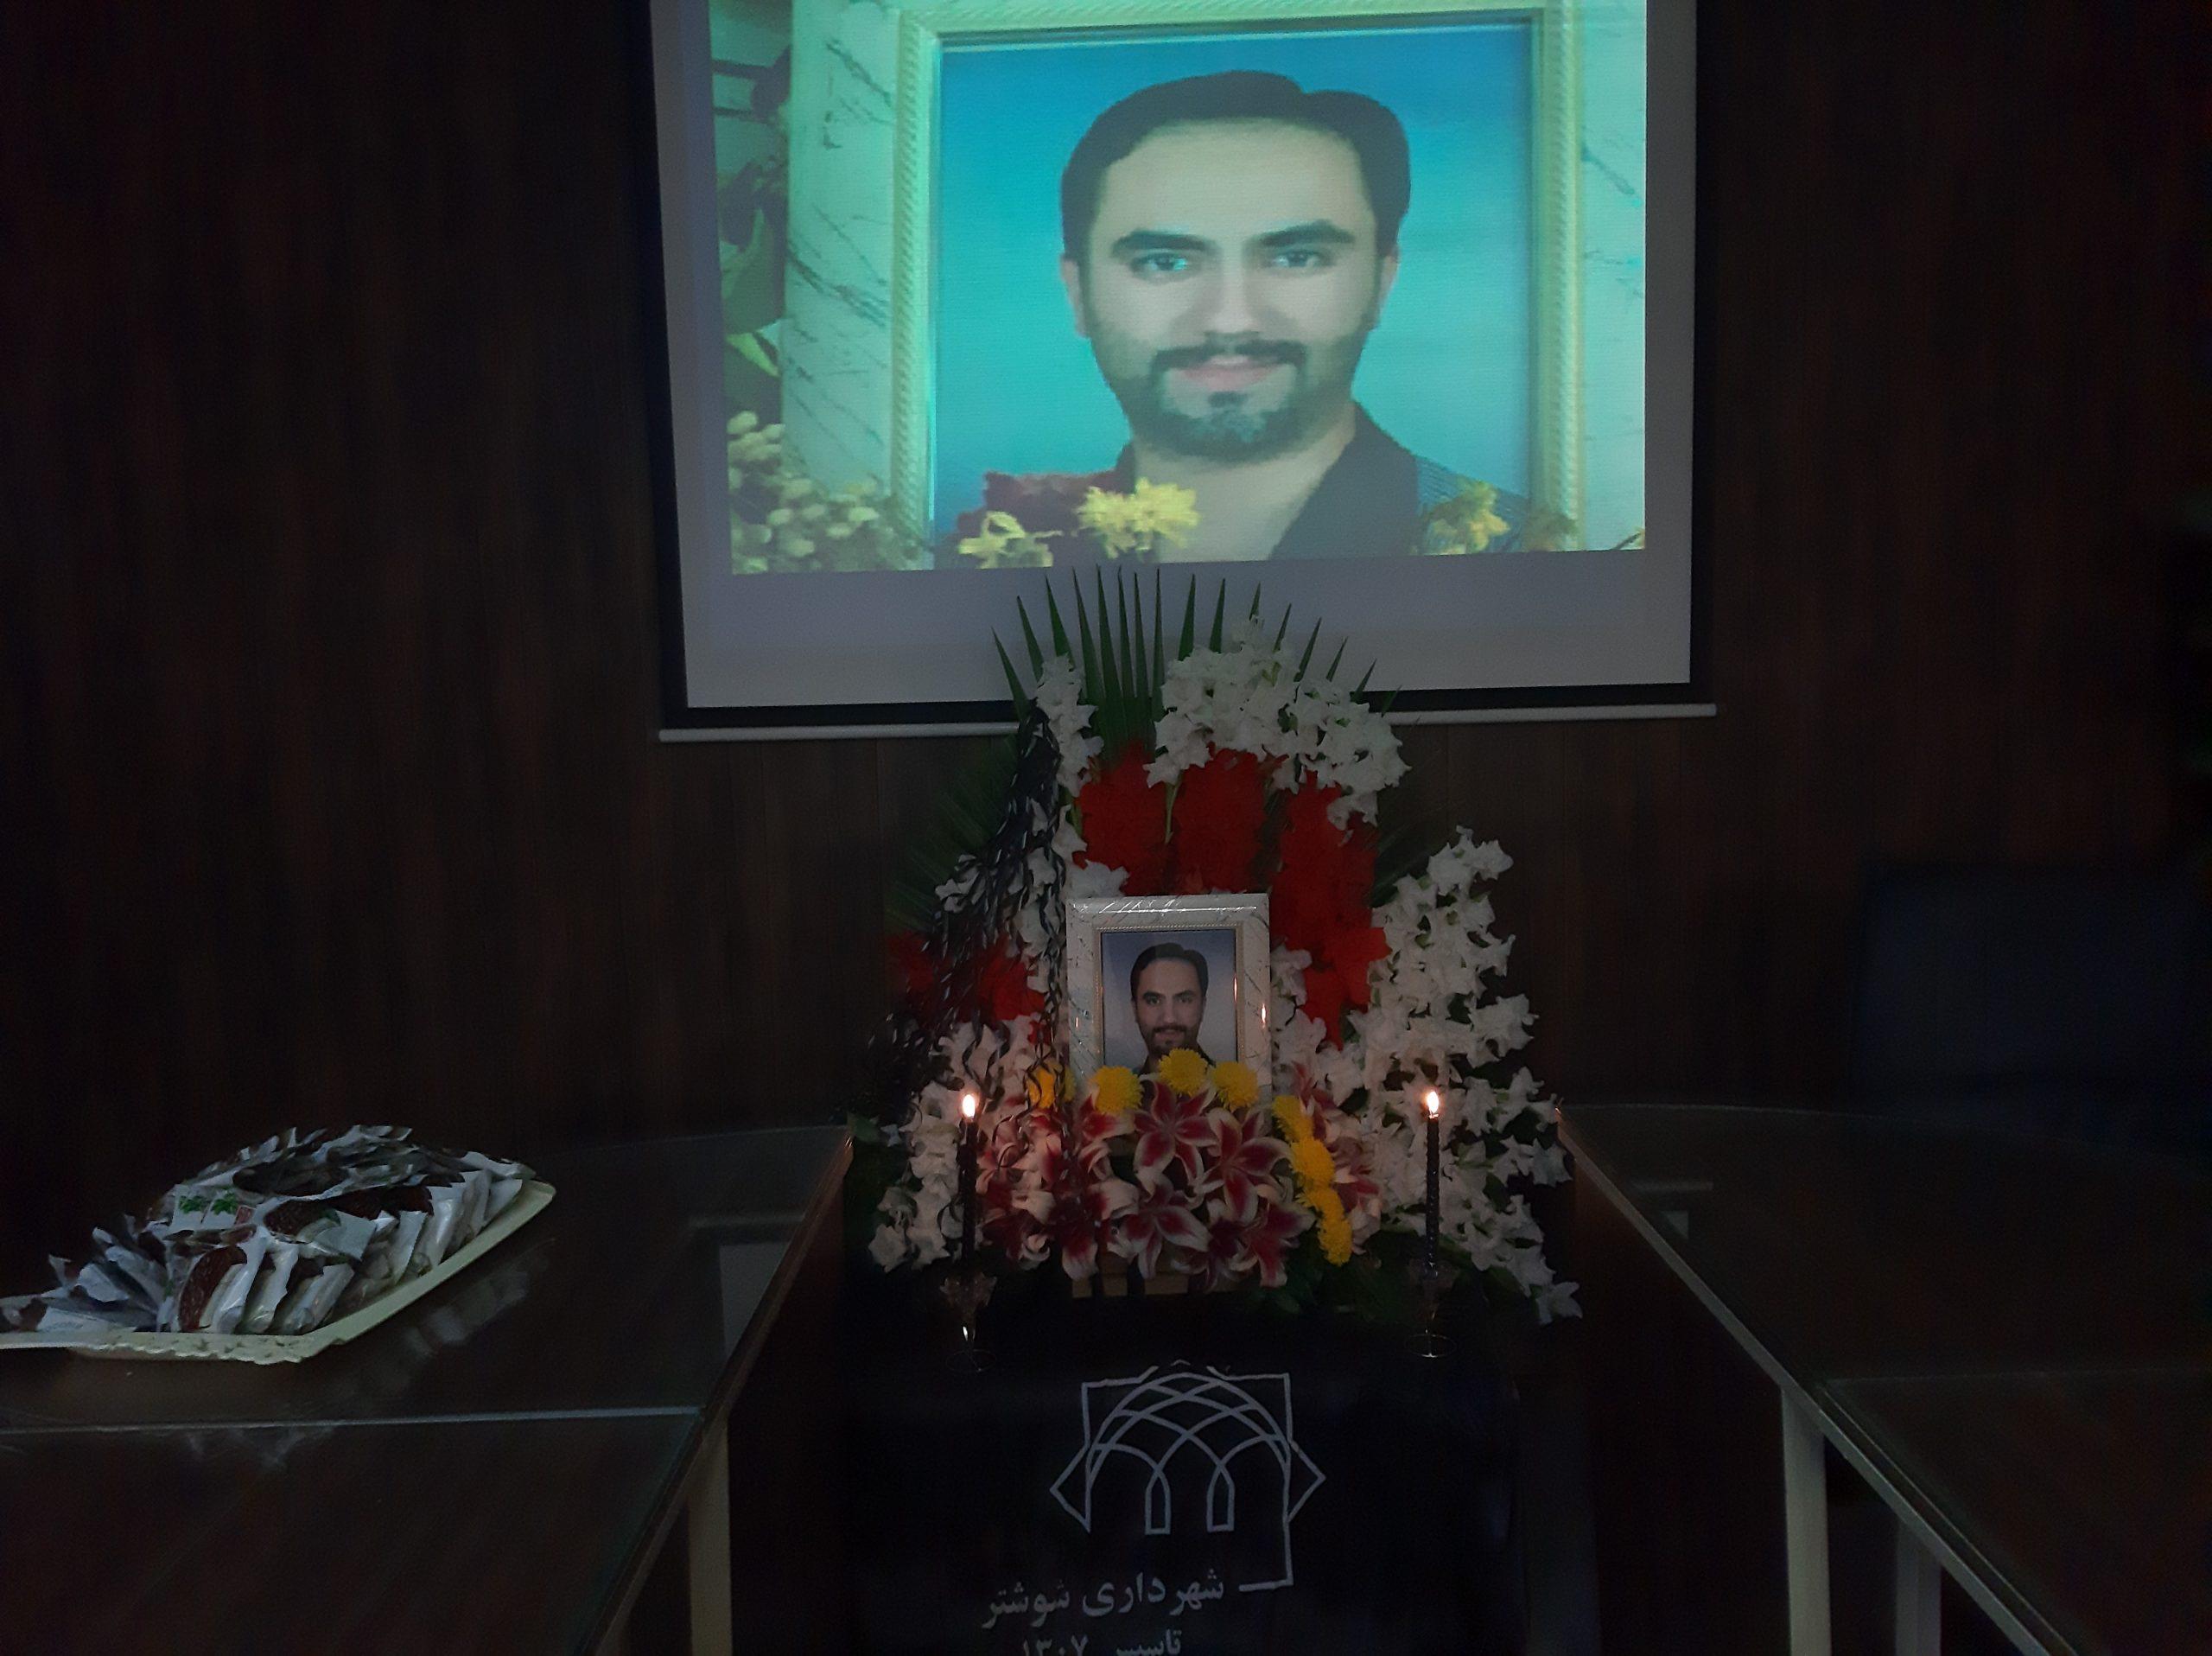 برگزاری مراسم اولین سالگرد درگذشت همکار تلاشگرمان مرحوم رامیز فرشباف